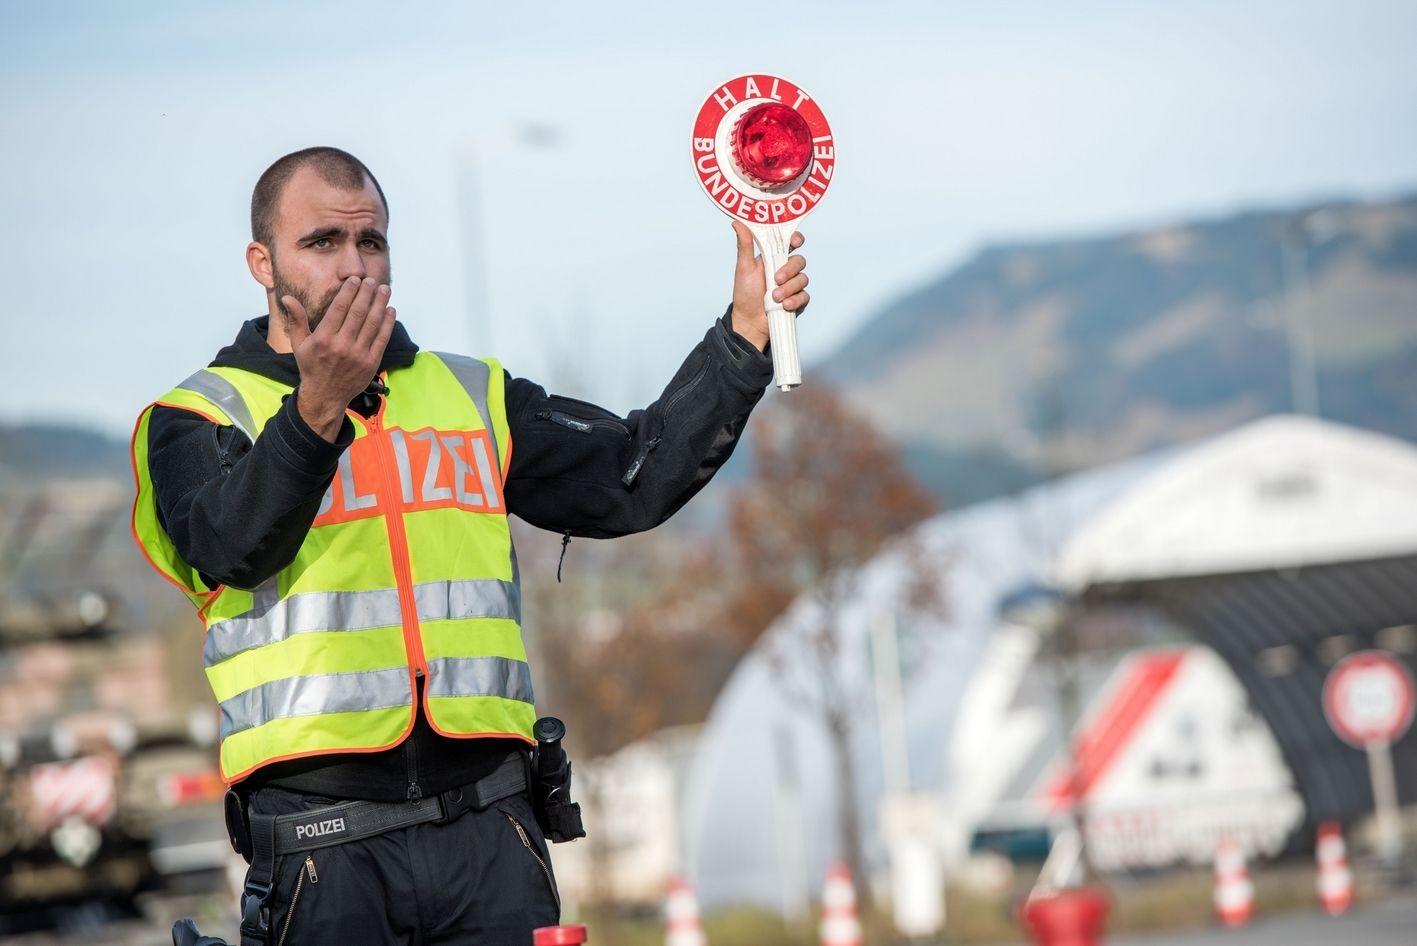 Grenzkontrolle_Bundespolizei_1.jpg